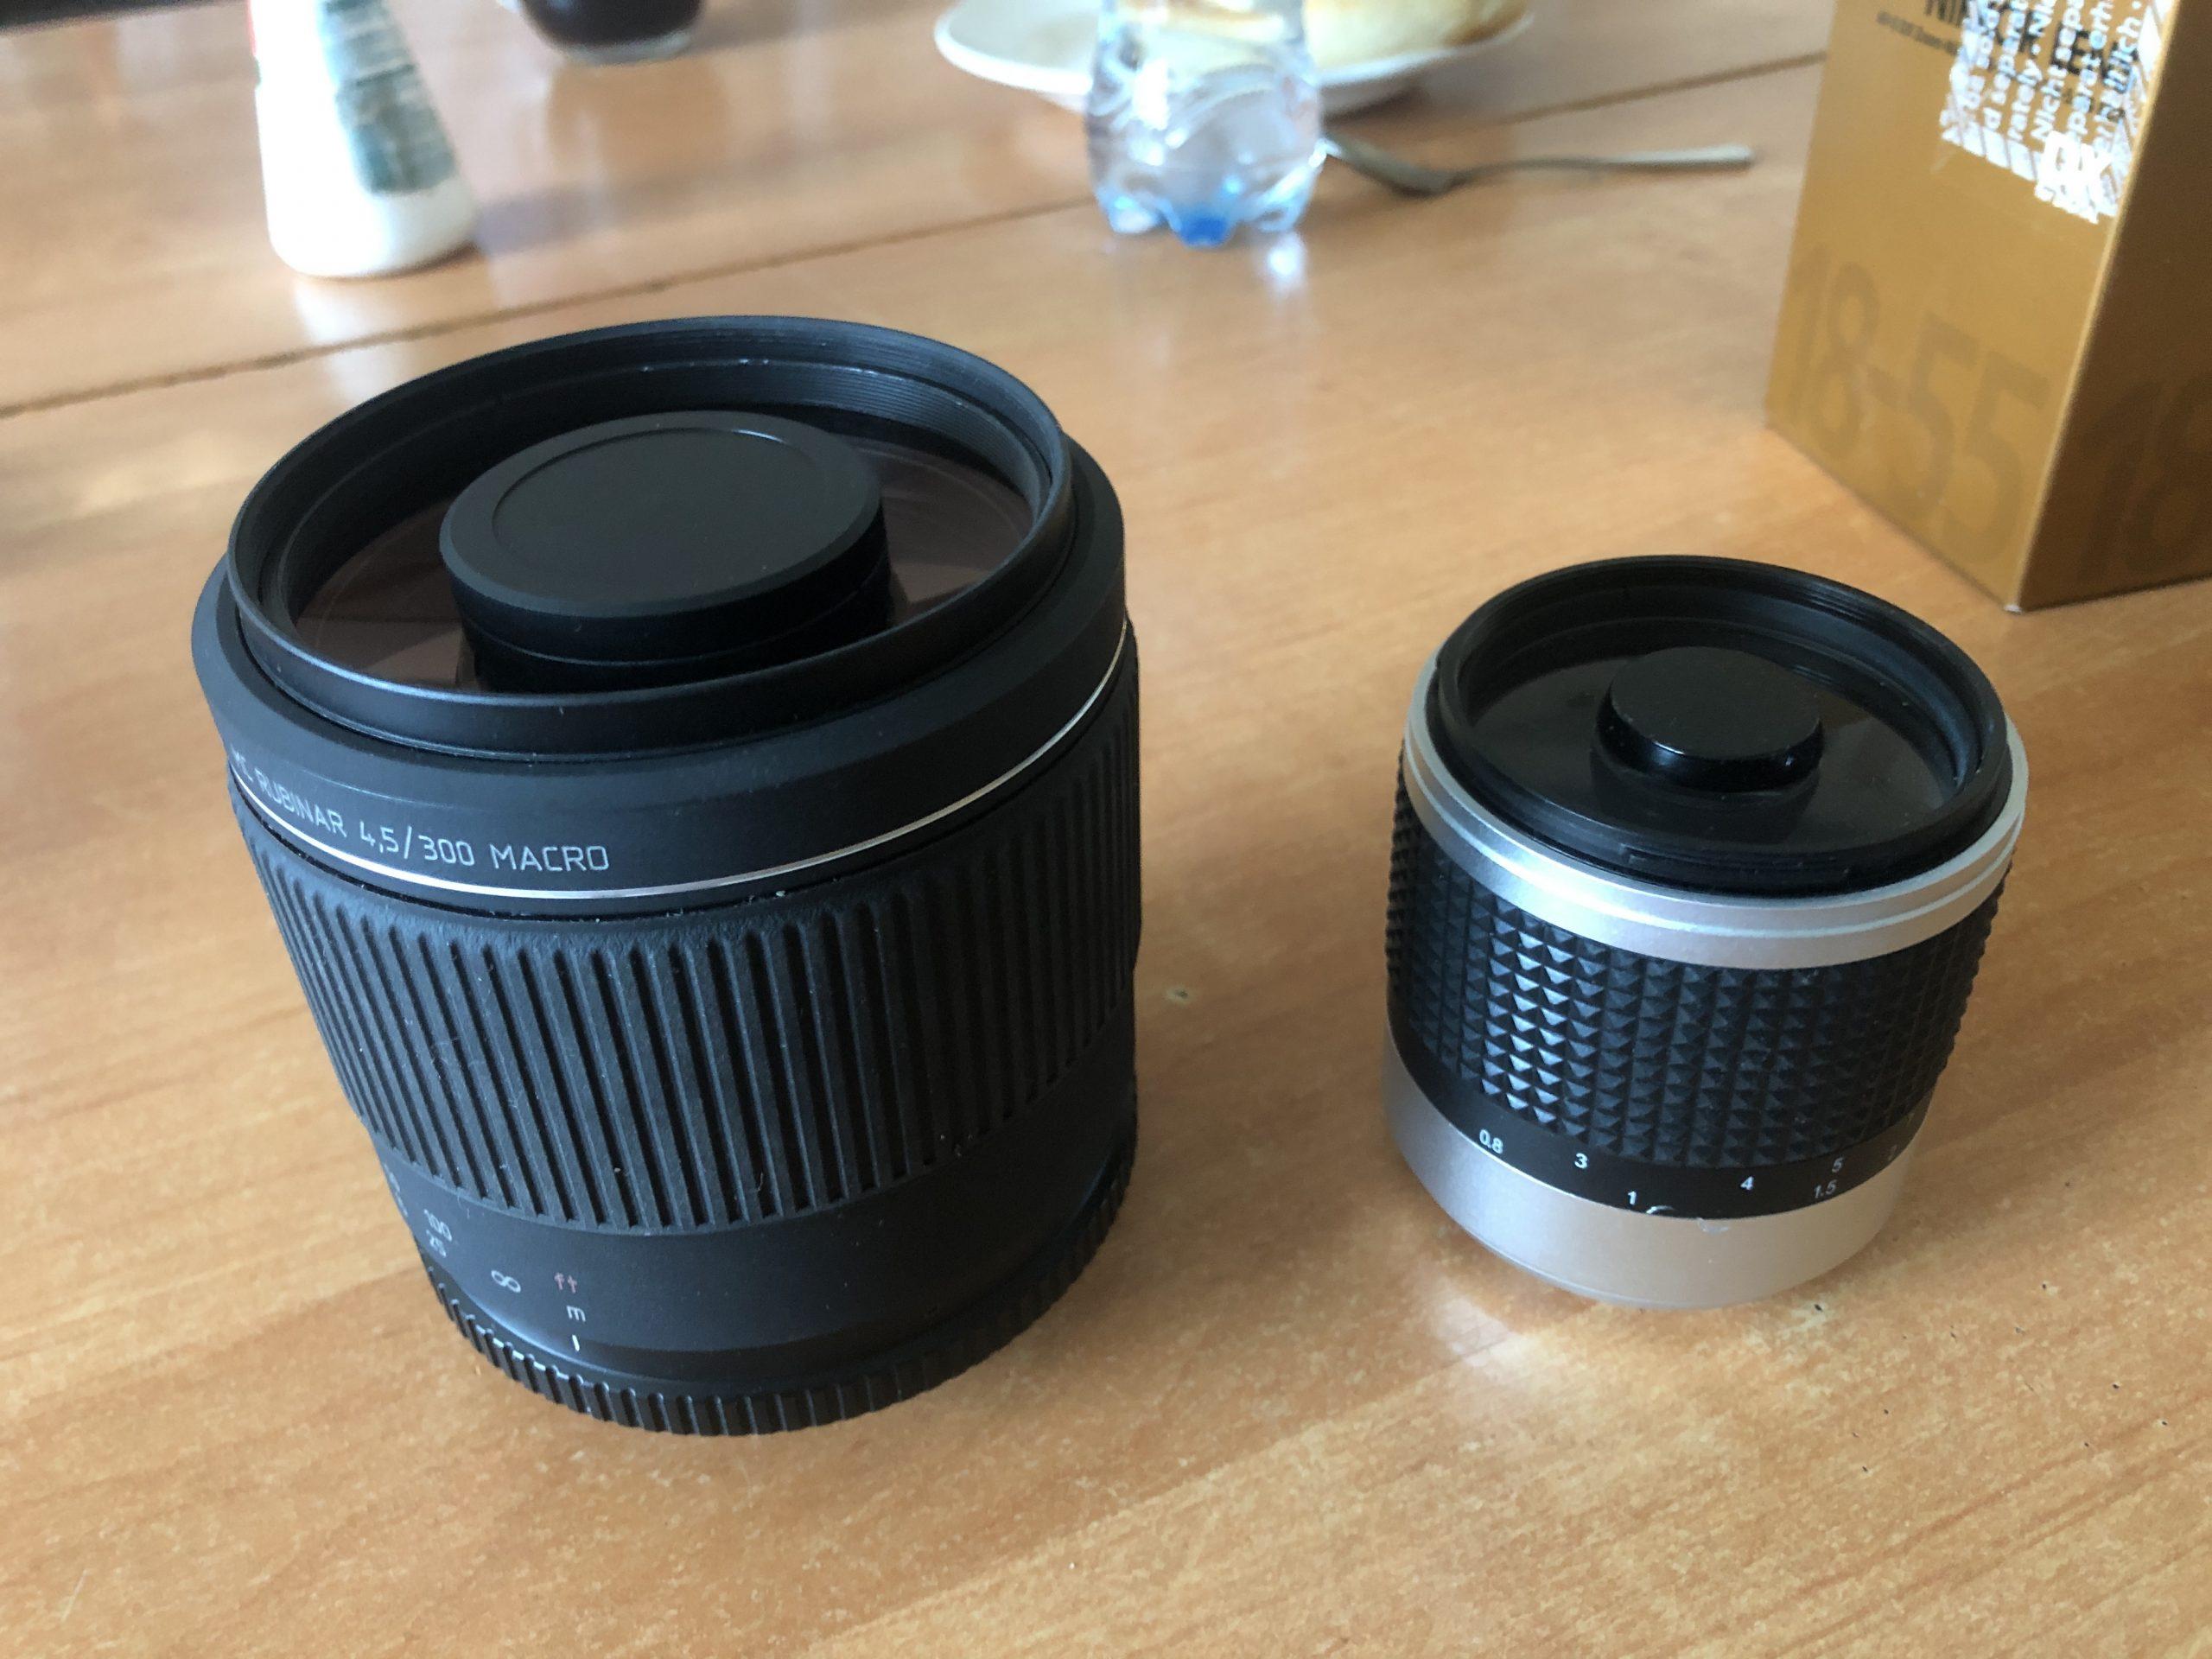 Новая и старая зеркальные камеры для космического телескопа